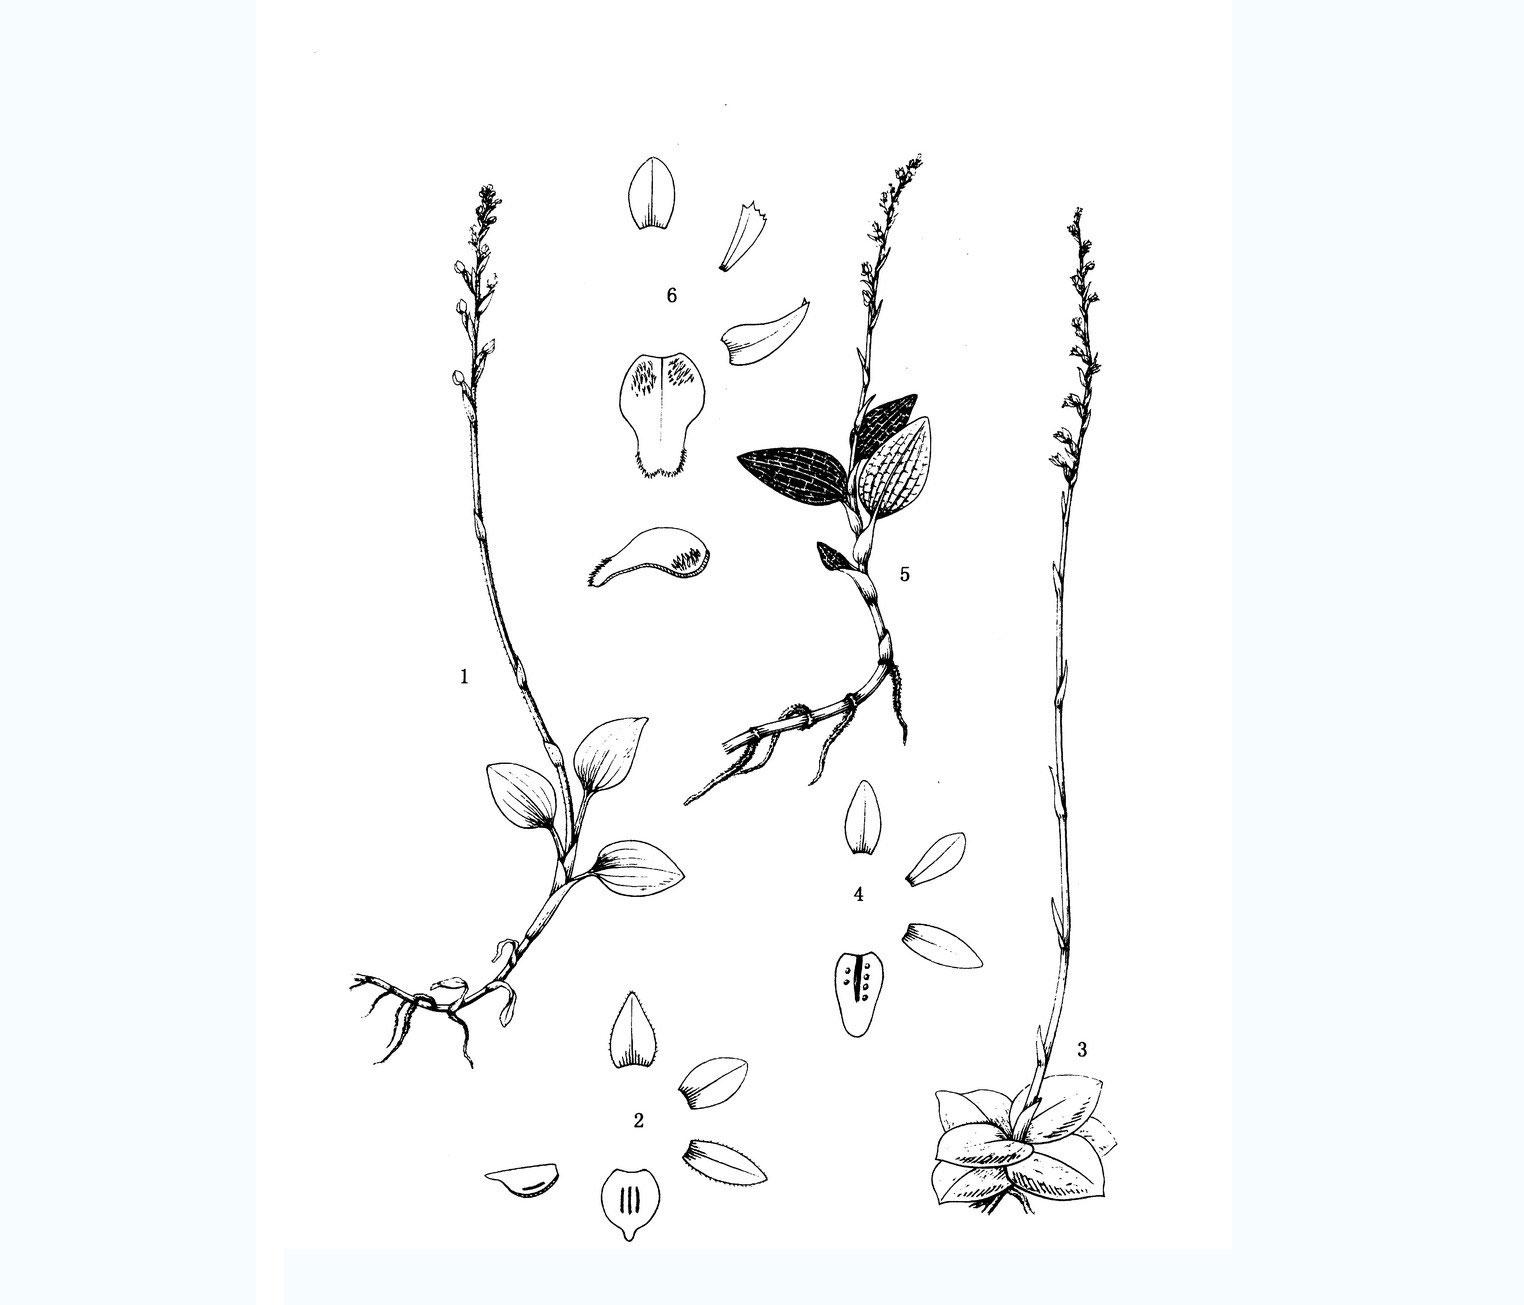 始兴斑叶兰Goodyera shixingensis K.Y.Lang